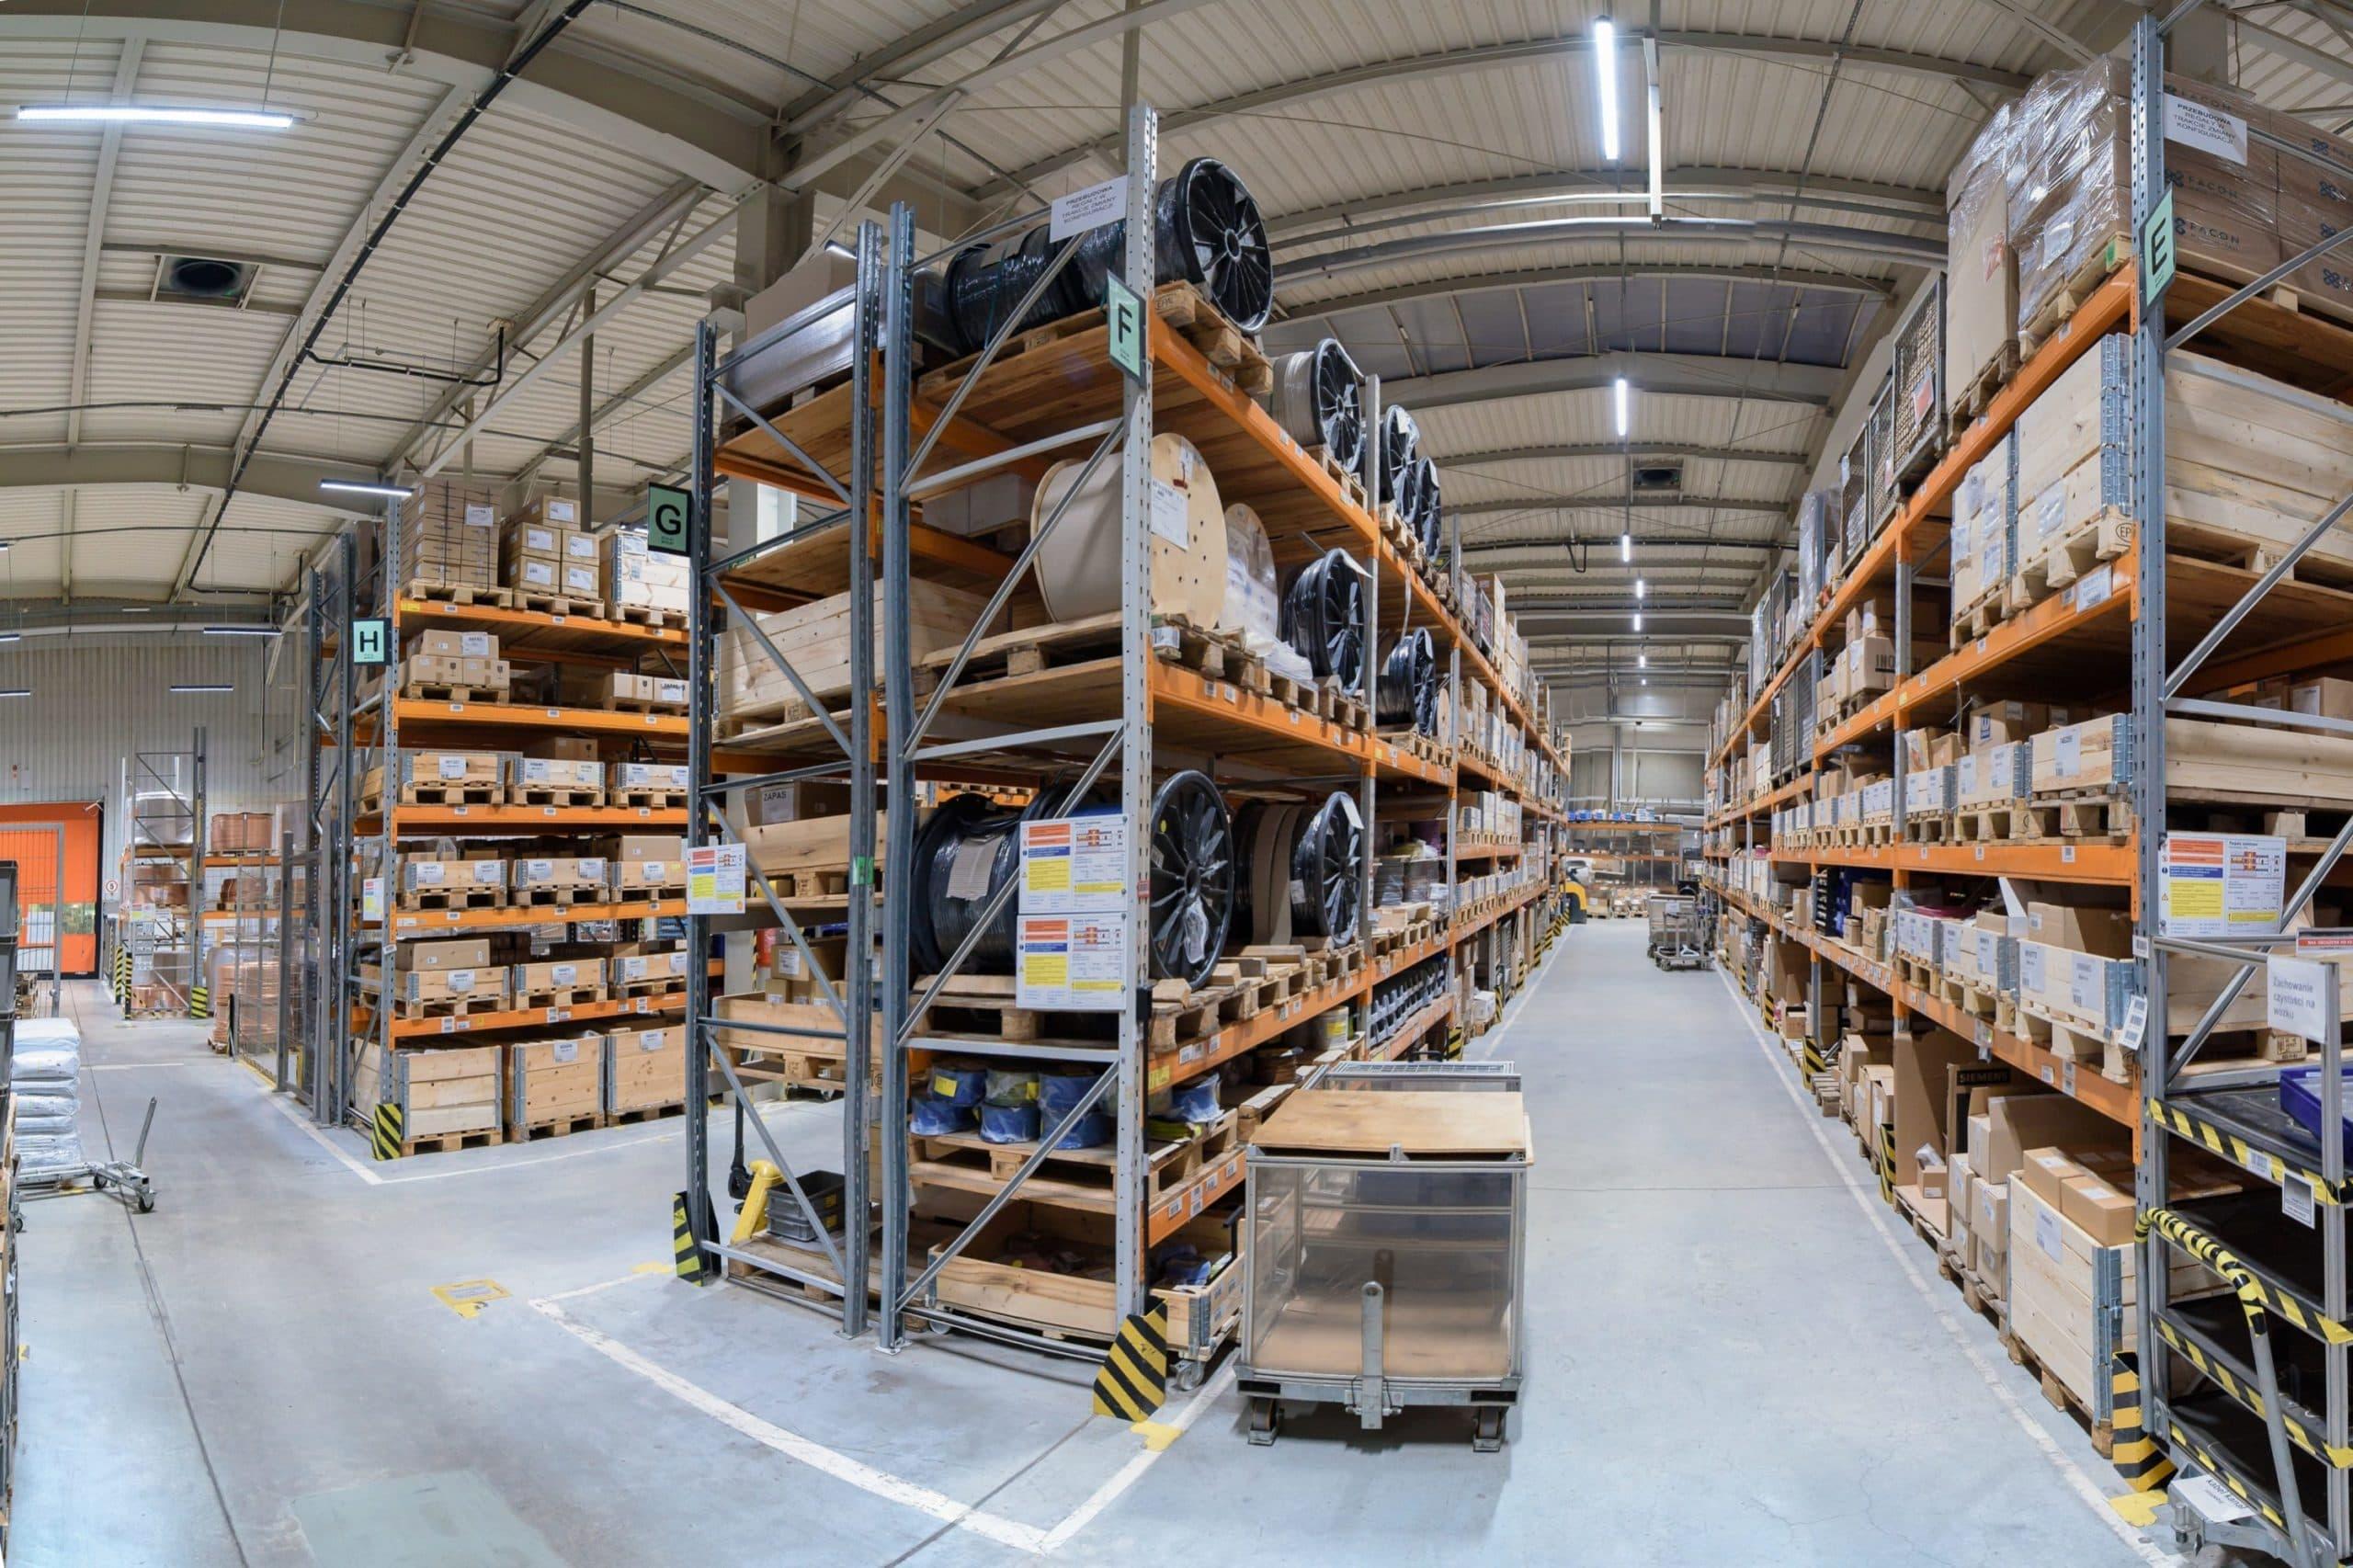 Oprawy Industrial w zmodernizowanym magazynie firmy Broen - Luxon LED